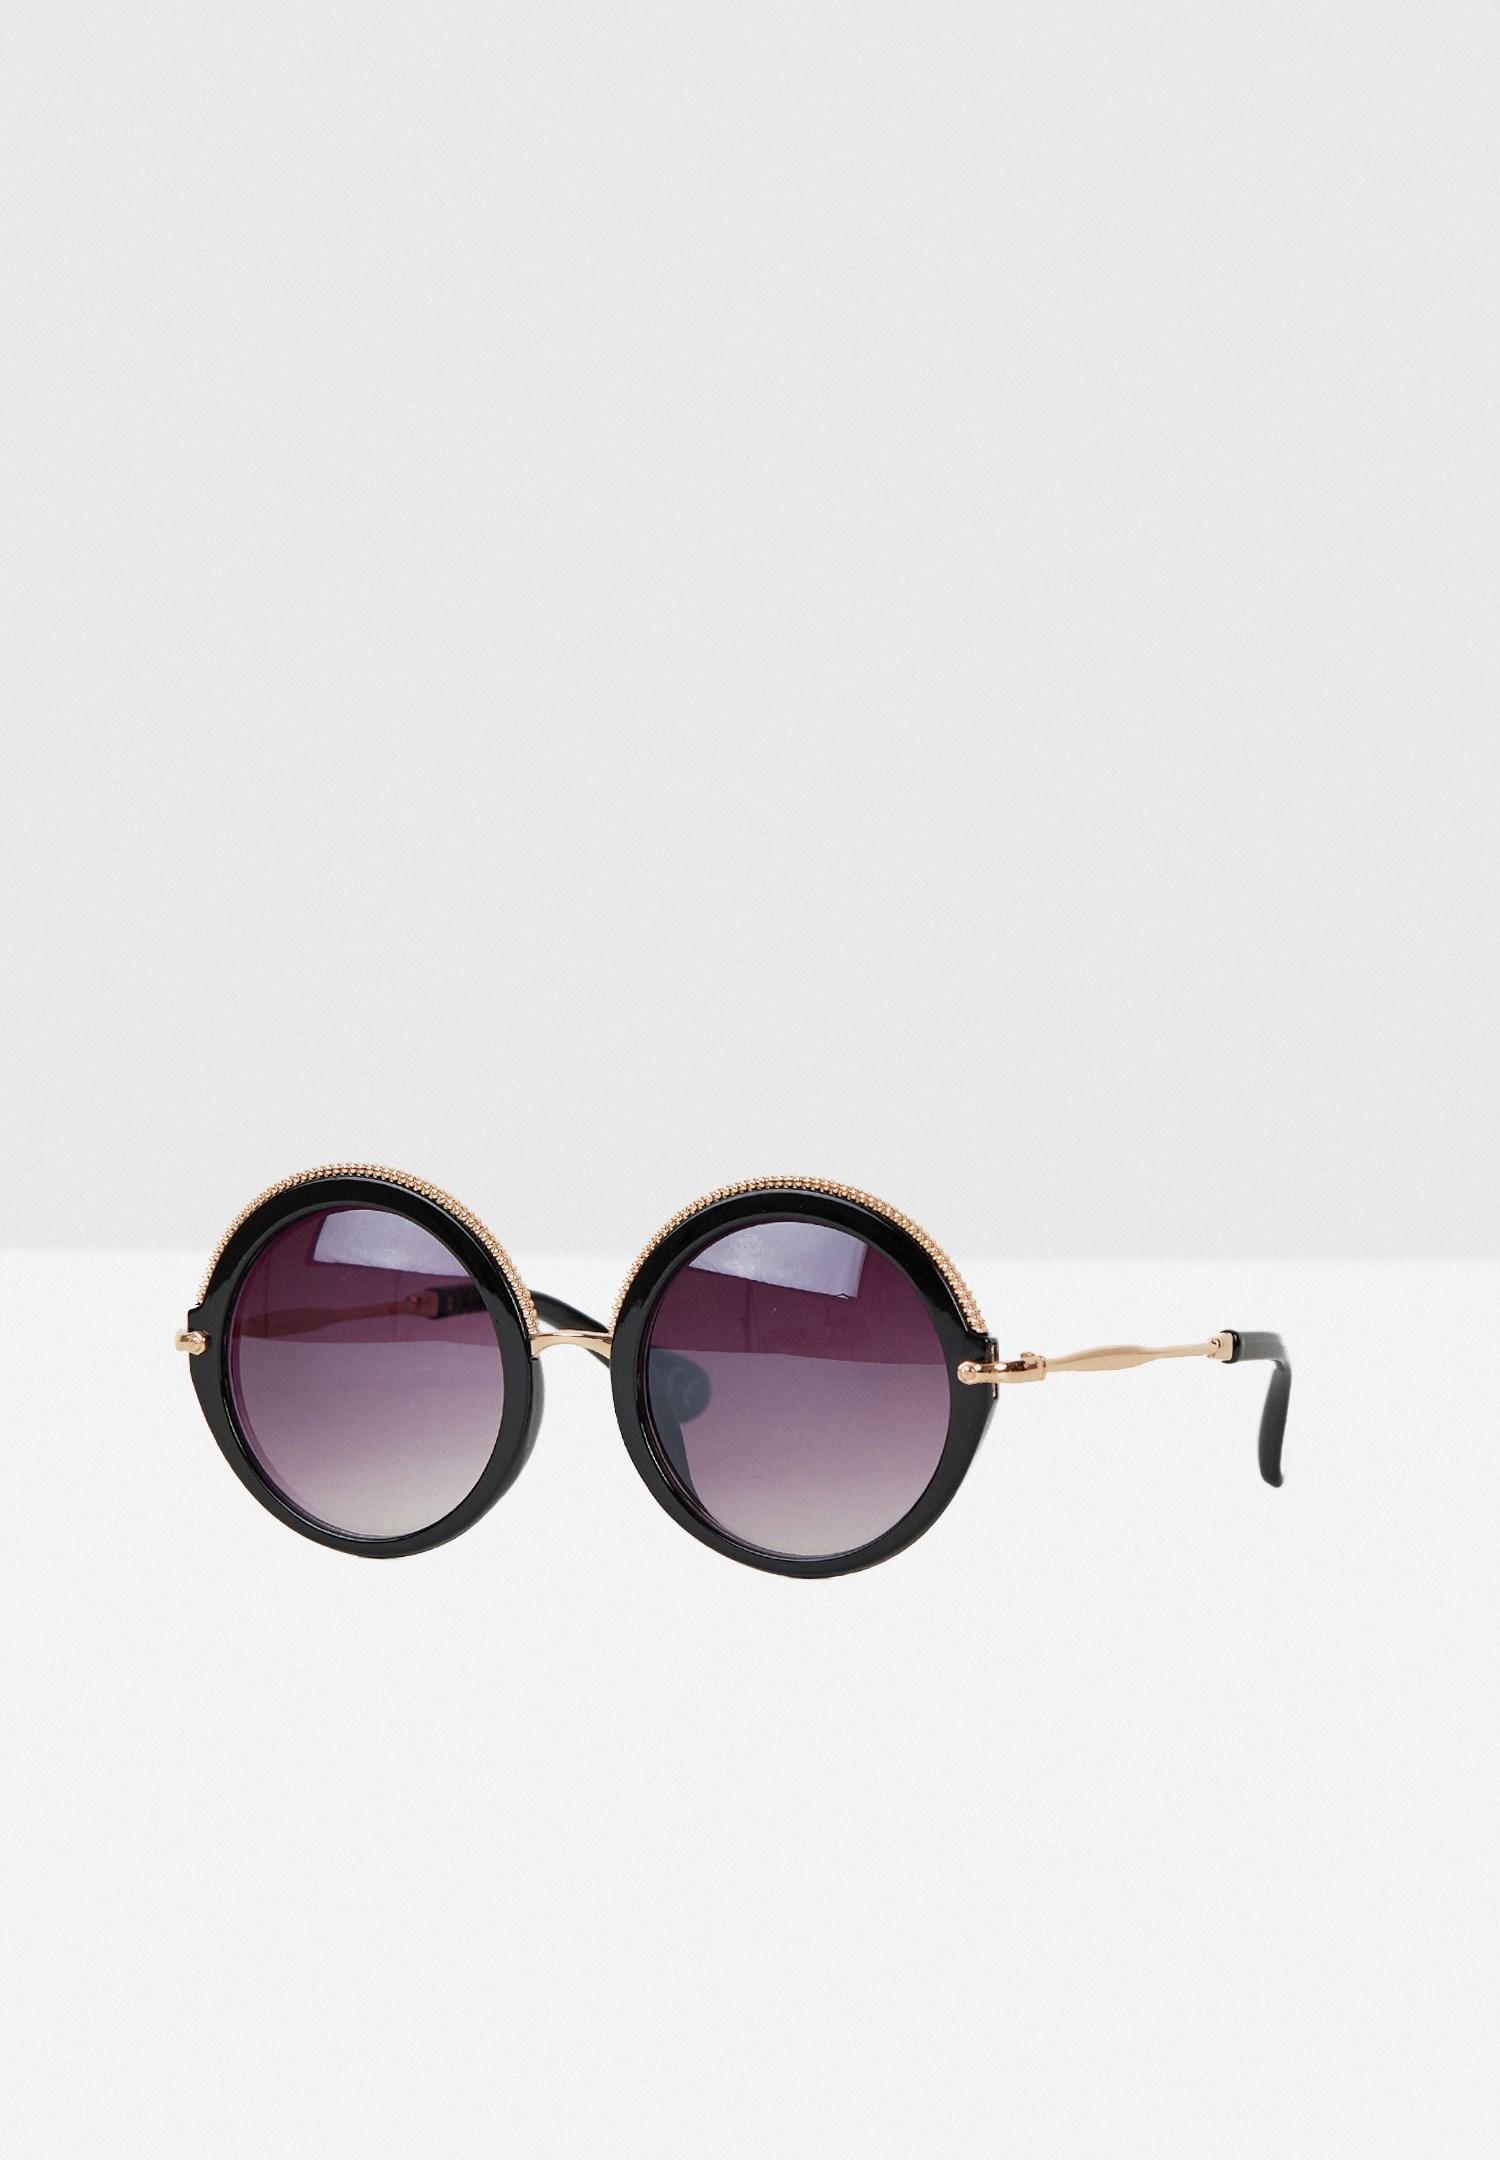 Bayan Siyah Yuvarlak Kalın Çerçeveli Güneş Gözlüğü